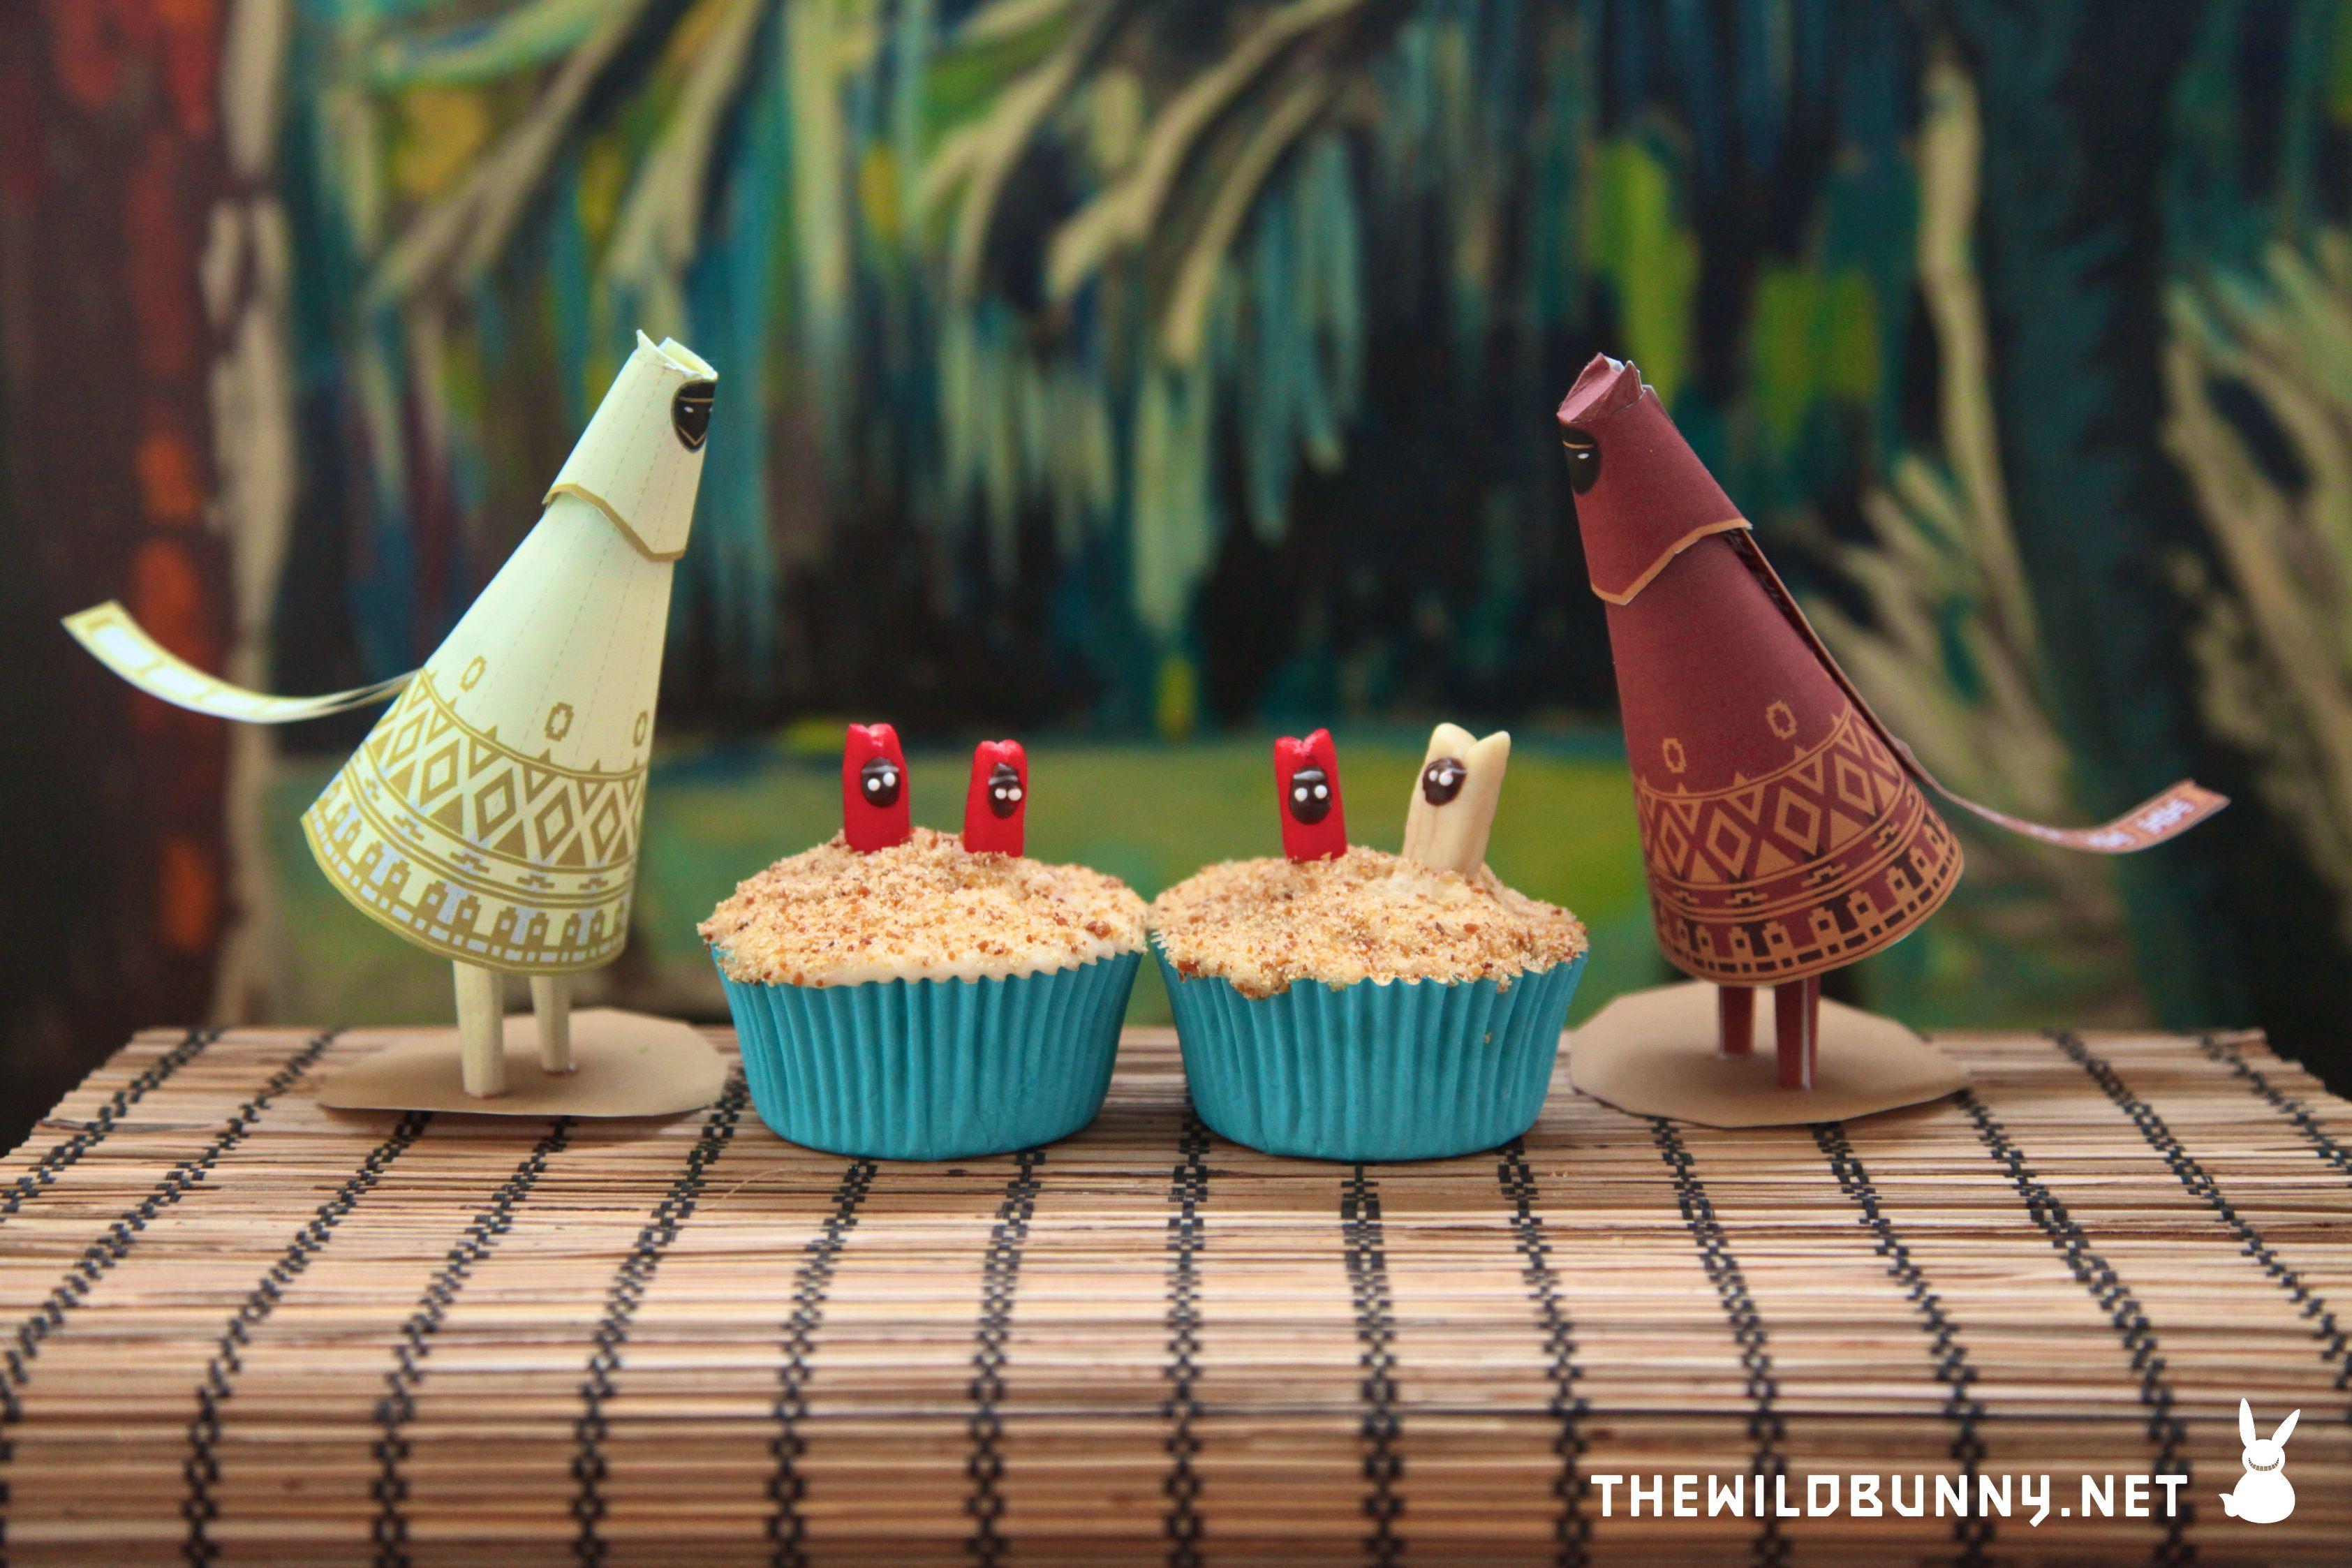 Journey cupcakes